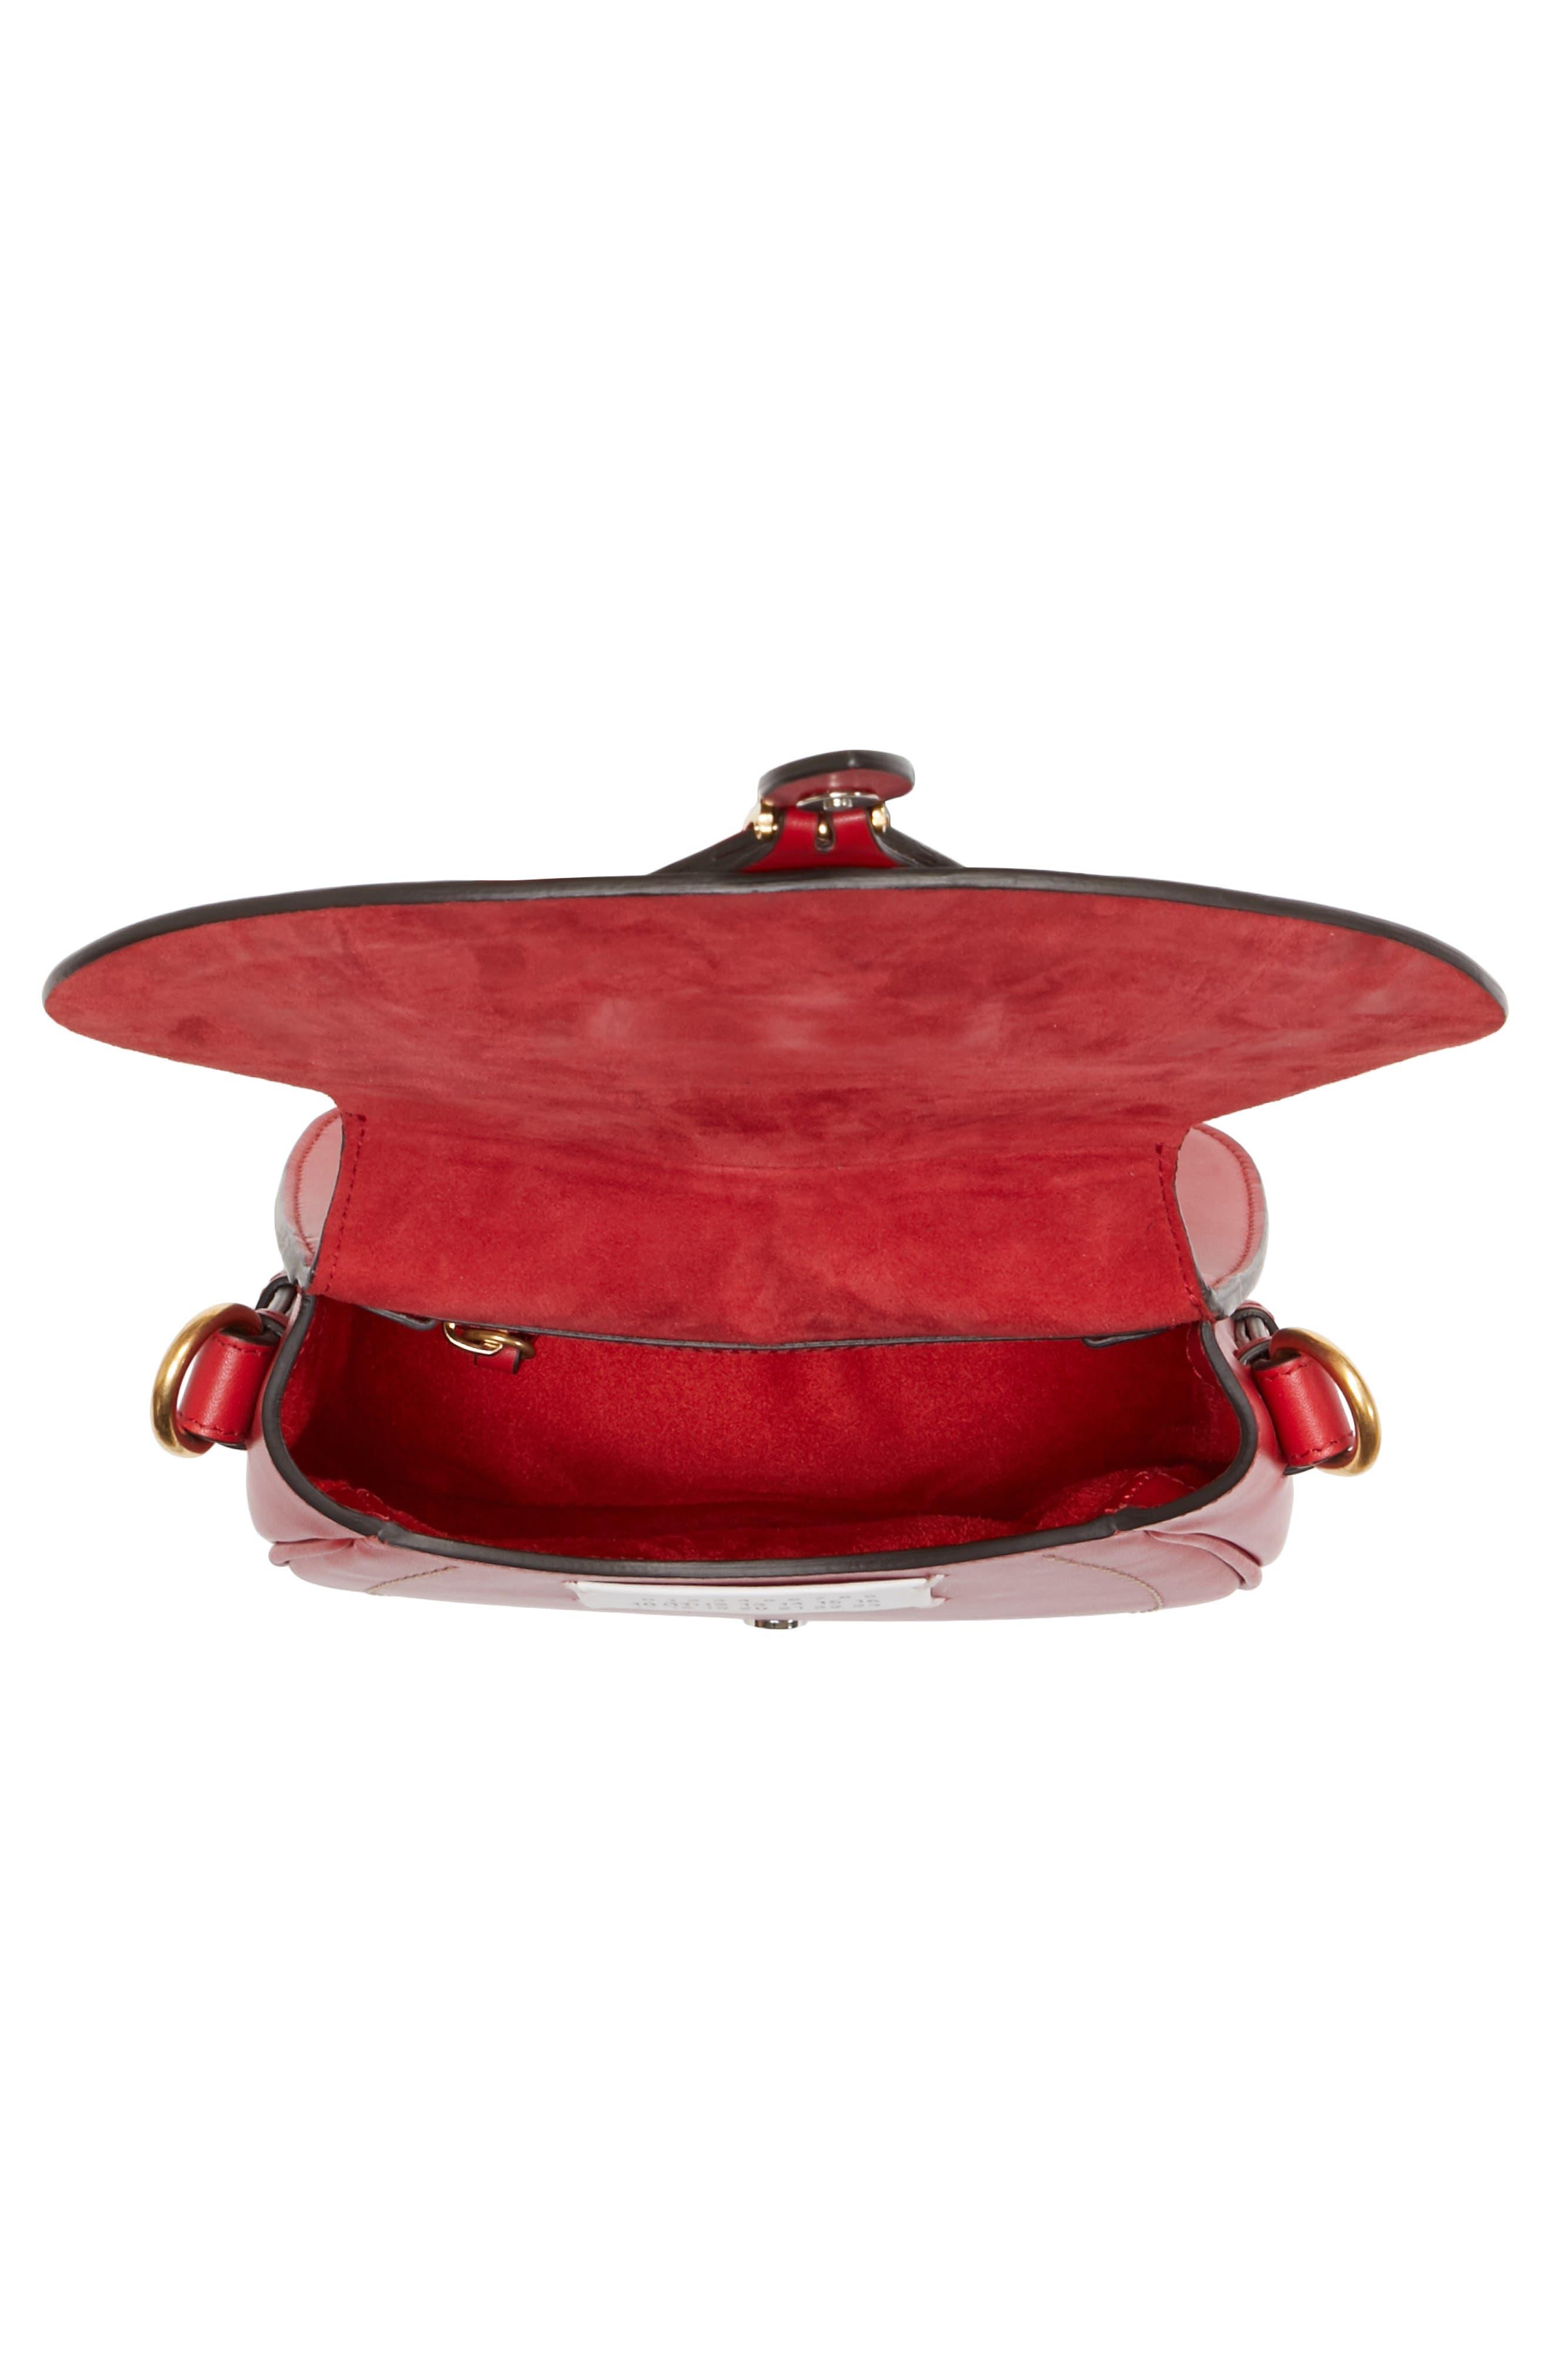 Small Bag-Slide Leather Shoulder Bag,                             Alternate thumbnail 4, color,                             Red